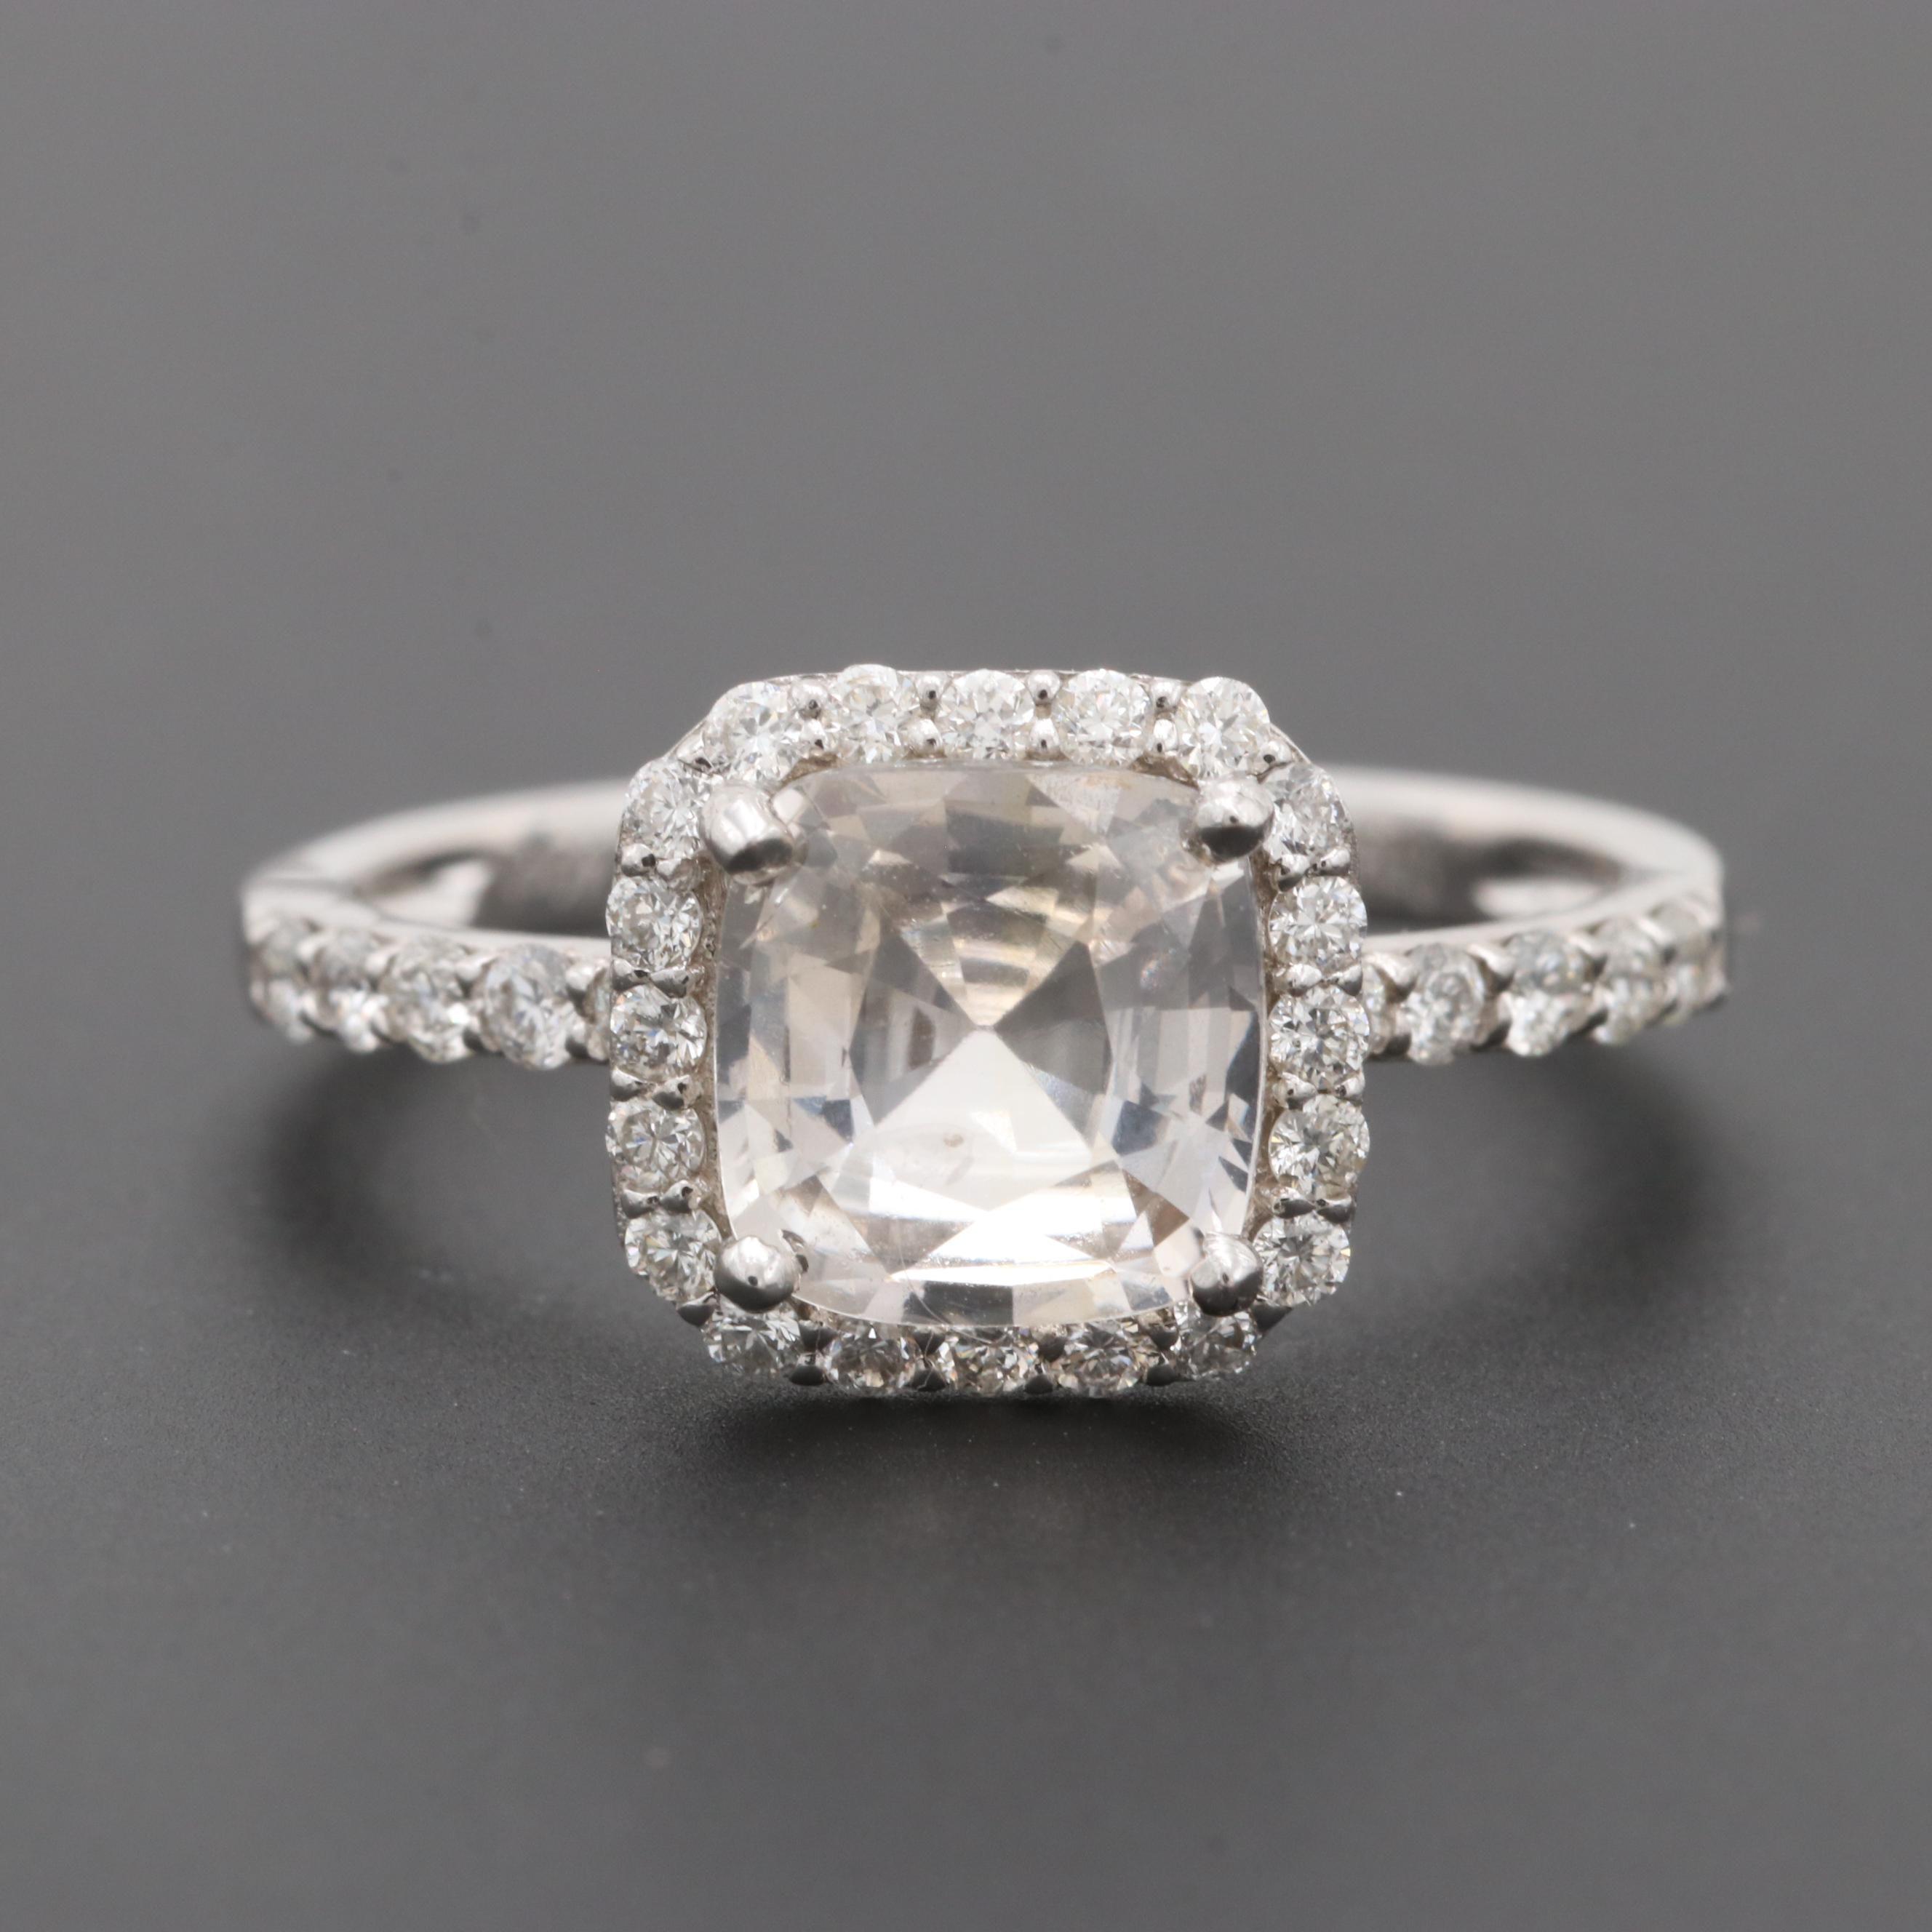 18K White Gold 1.91 CT Very Light Orange Yellow Sapphire and Diamond Ring